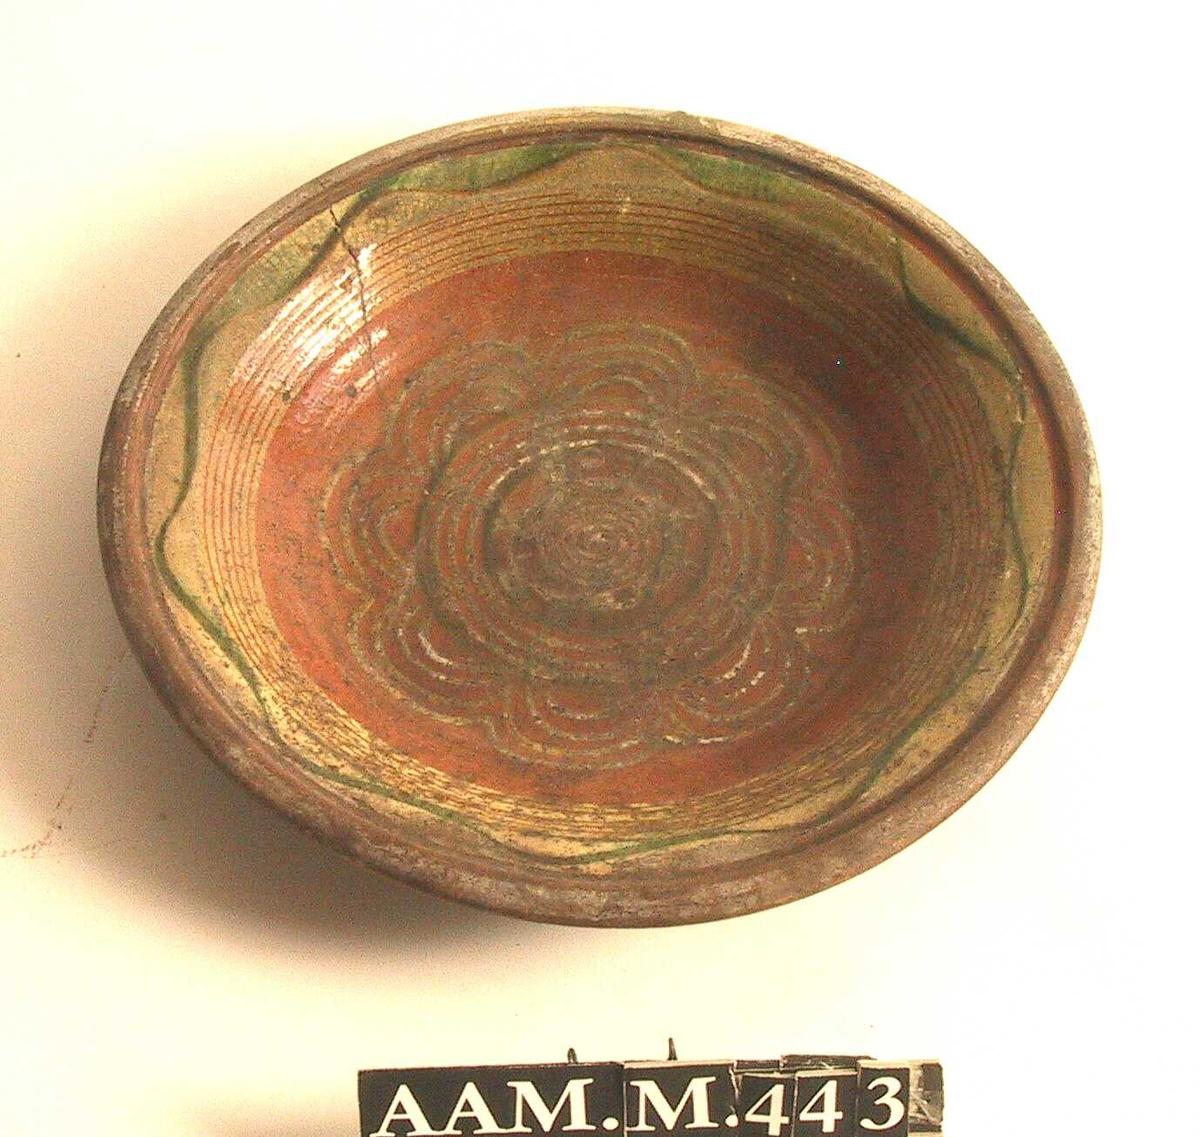 8-bladet rosett i gult og grønt mot rødbrun bunnfarge.